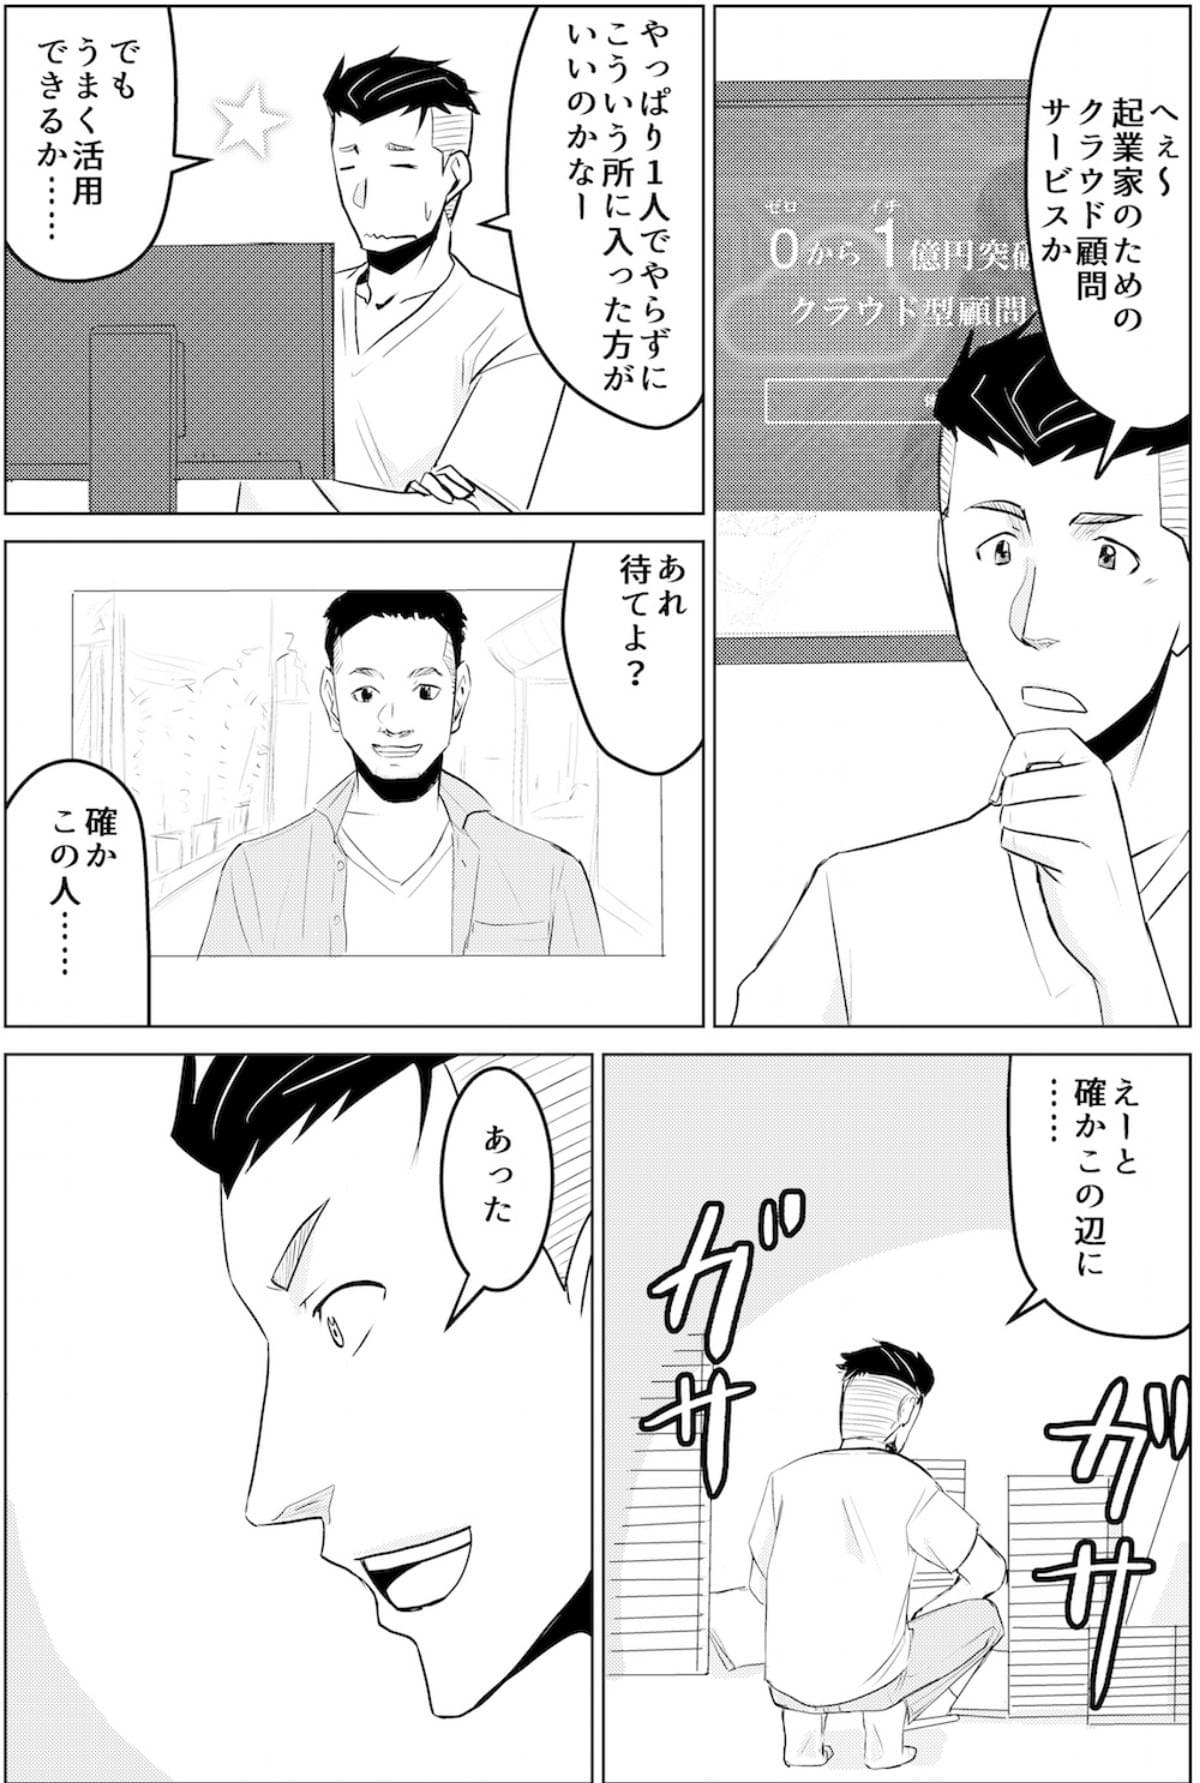 チャレンジャーズ漫画_002